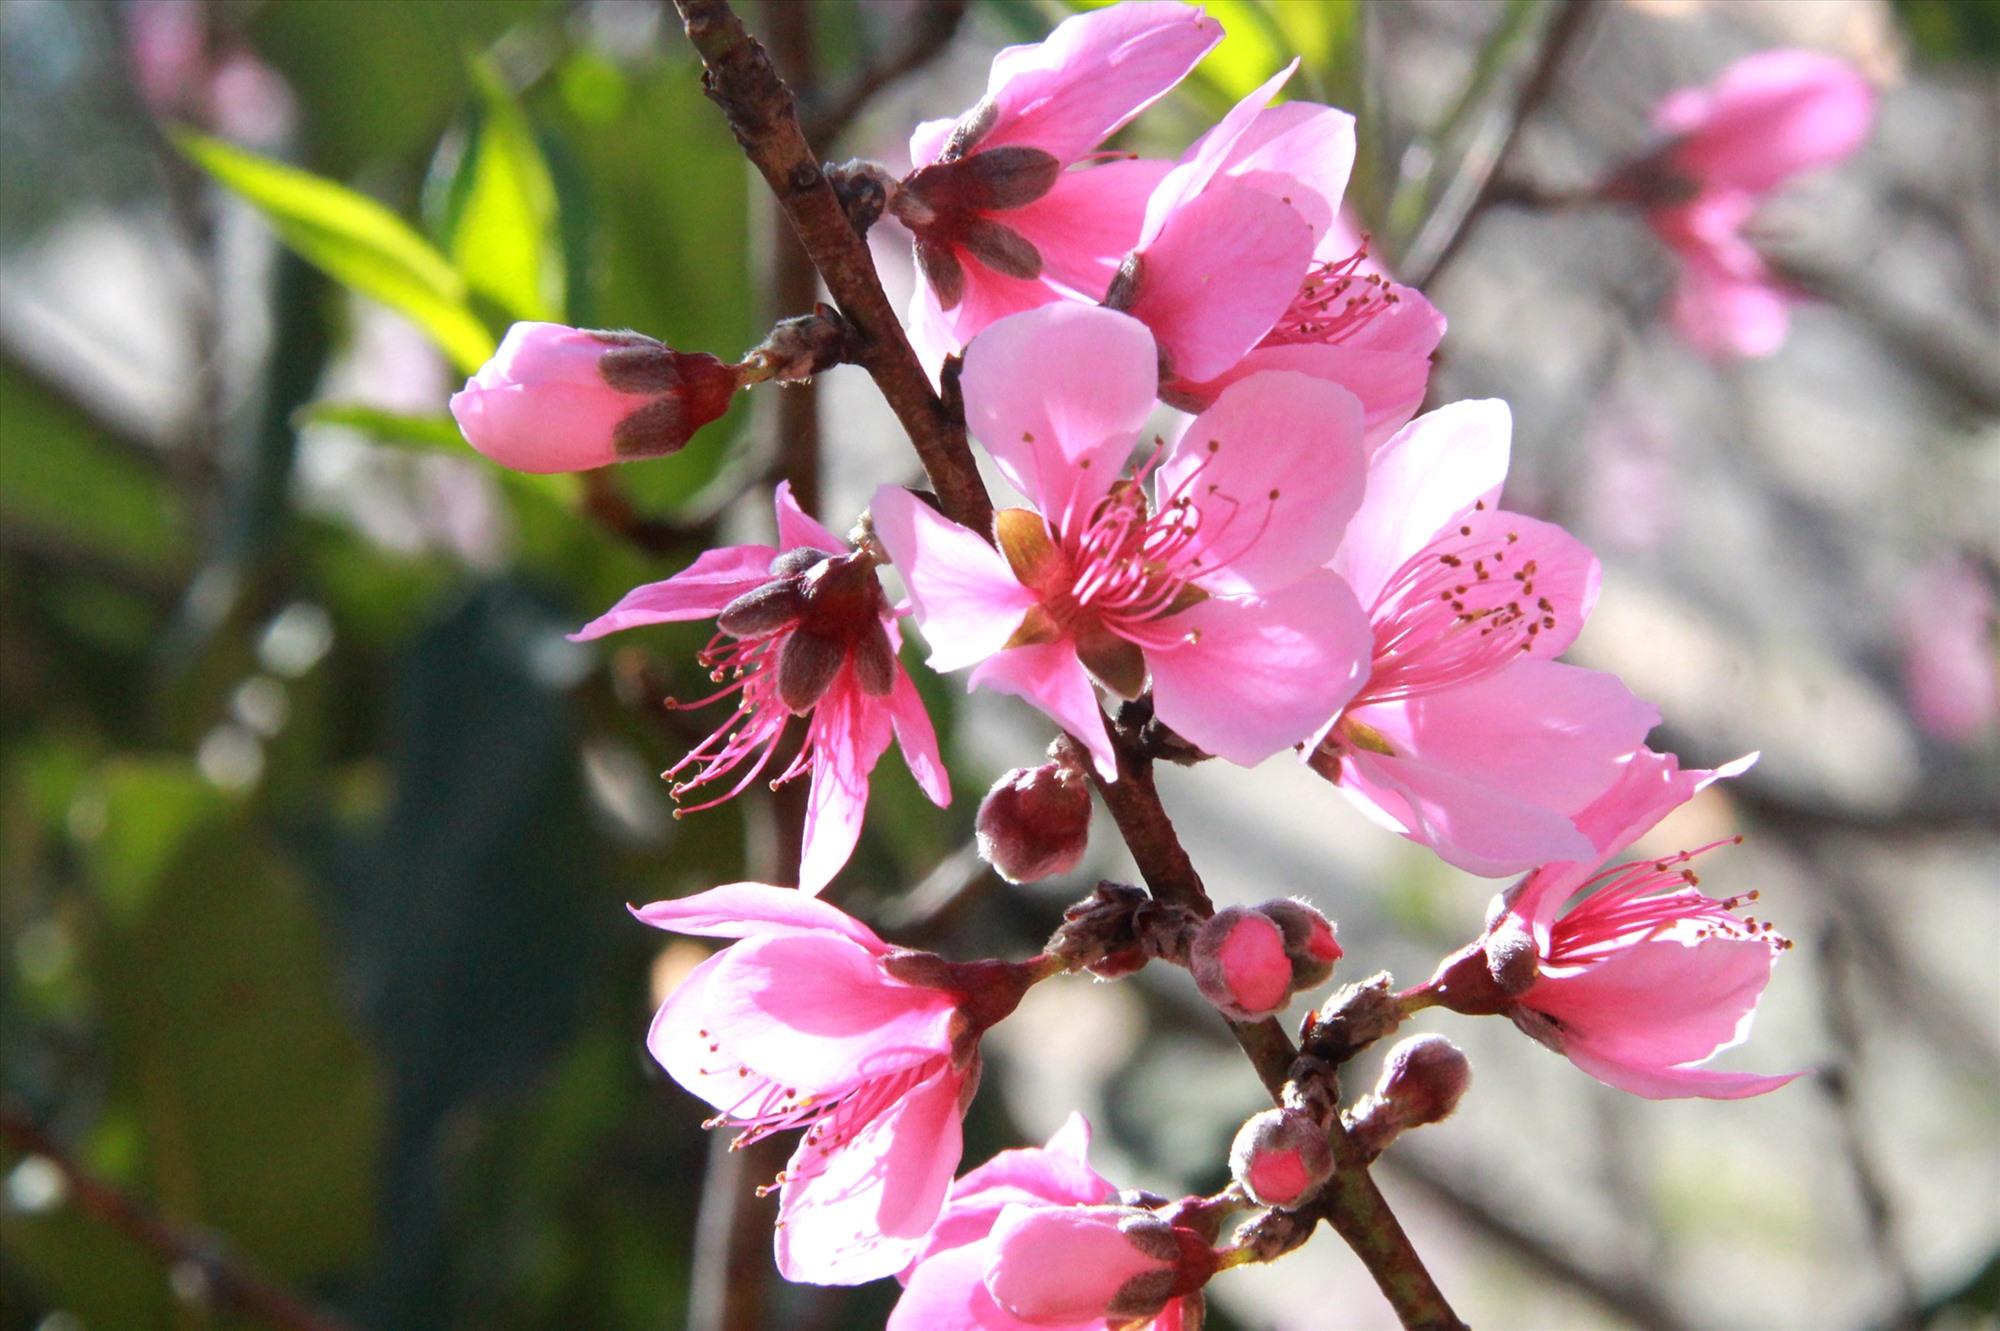 Năm nay, sau thời gian rét đệm kéo dài, trước tết ở vùng cao Tây Giang xuất hiện không khí nắng khiến hoa đào bung nở nhiều hơn mọi năm. Ảnh: Đ.N